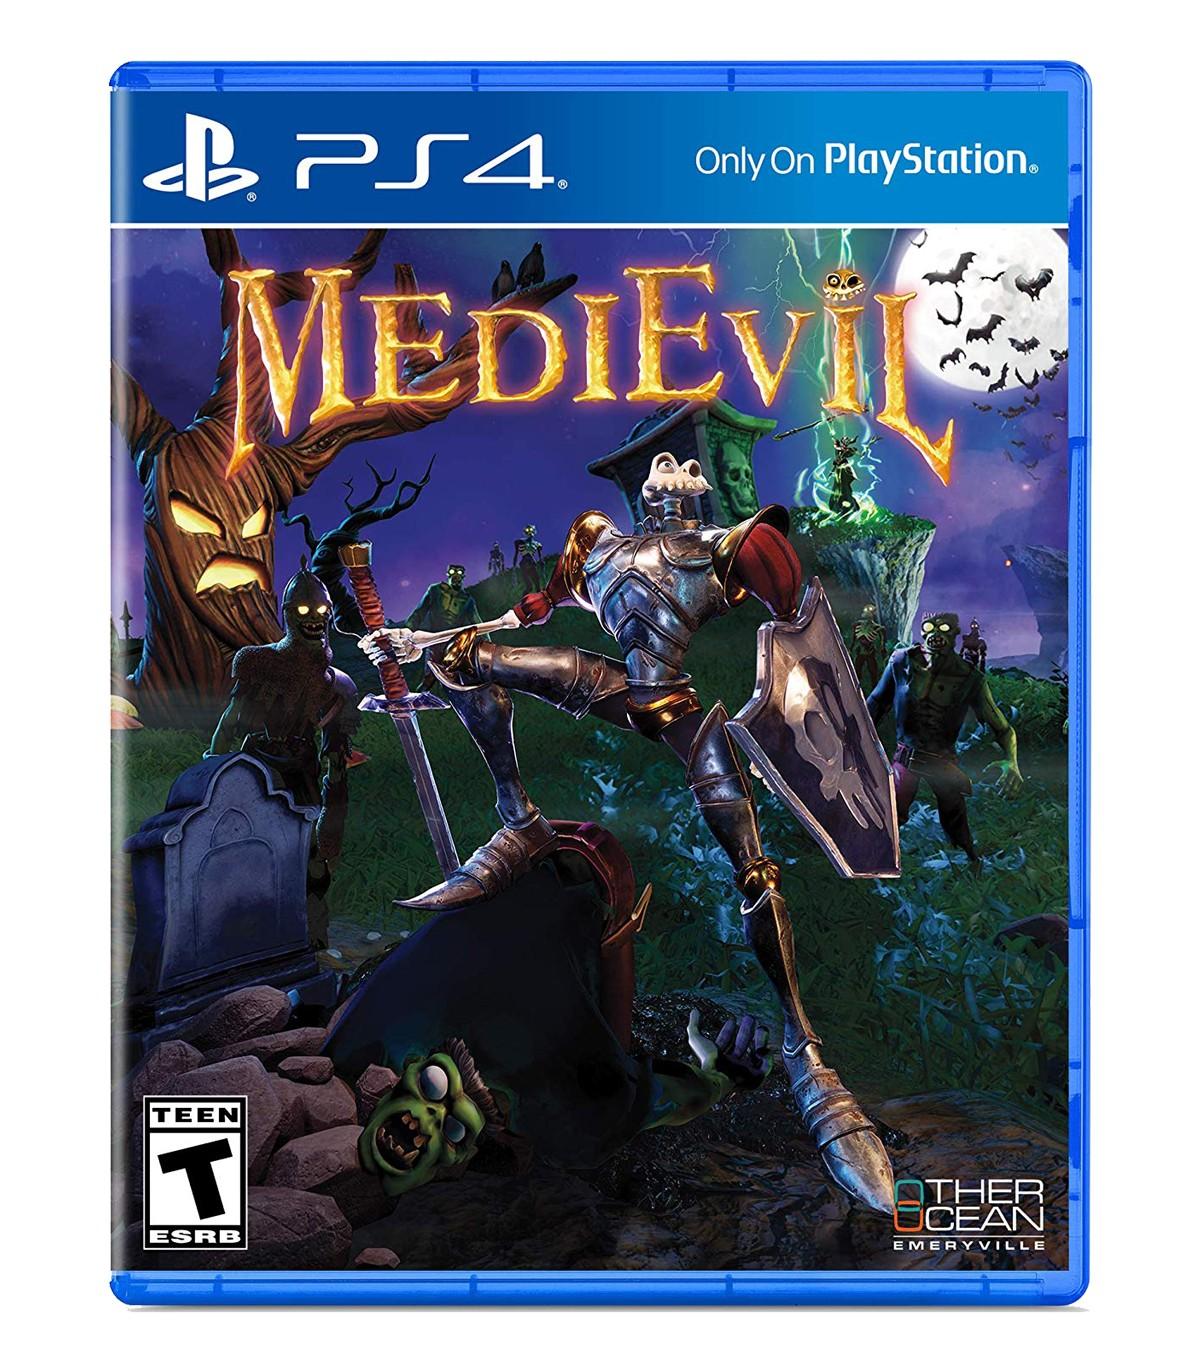 بازی MediEvil کارکرده - پلی استیشن 4